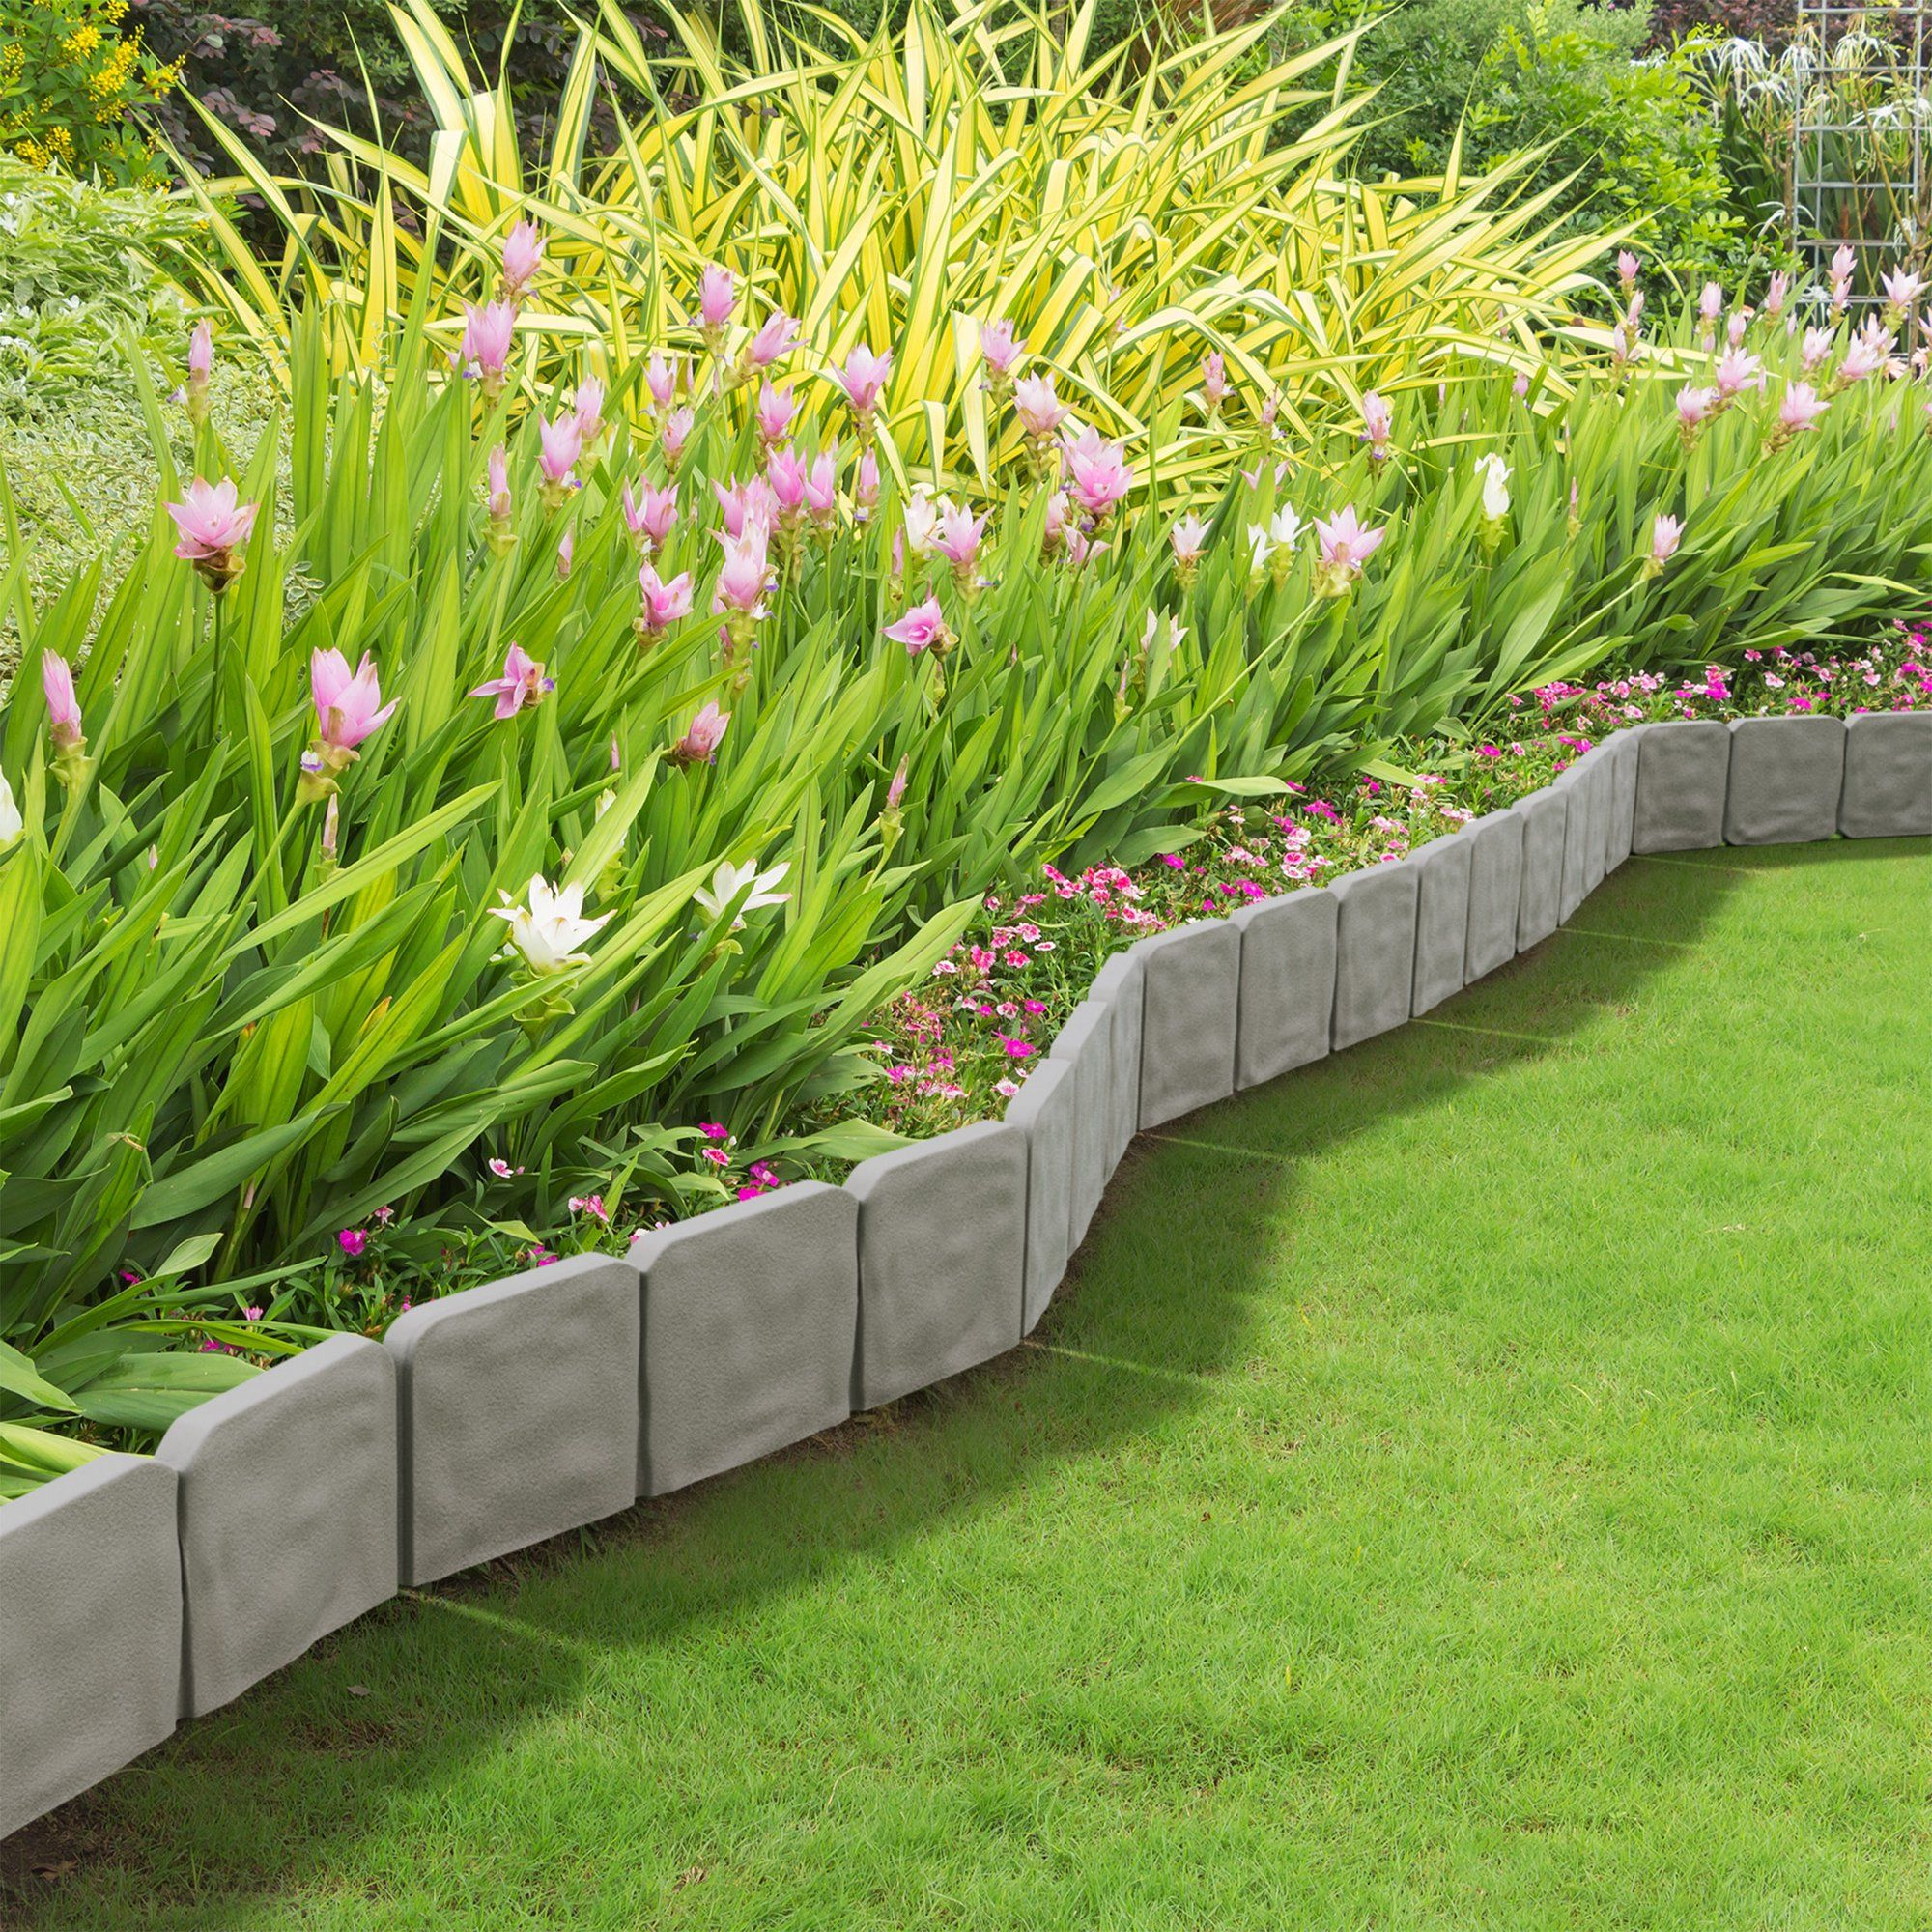 Garden Edging Border Decorative Flower Bed Edging for